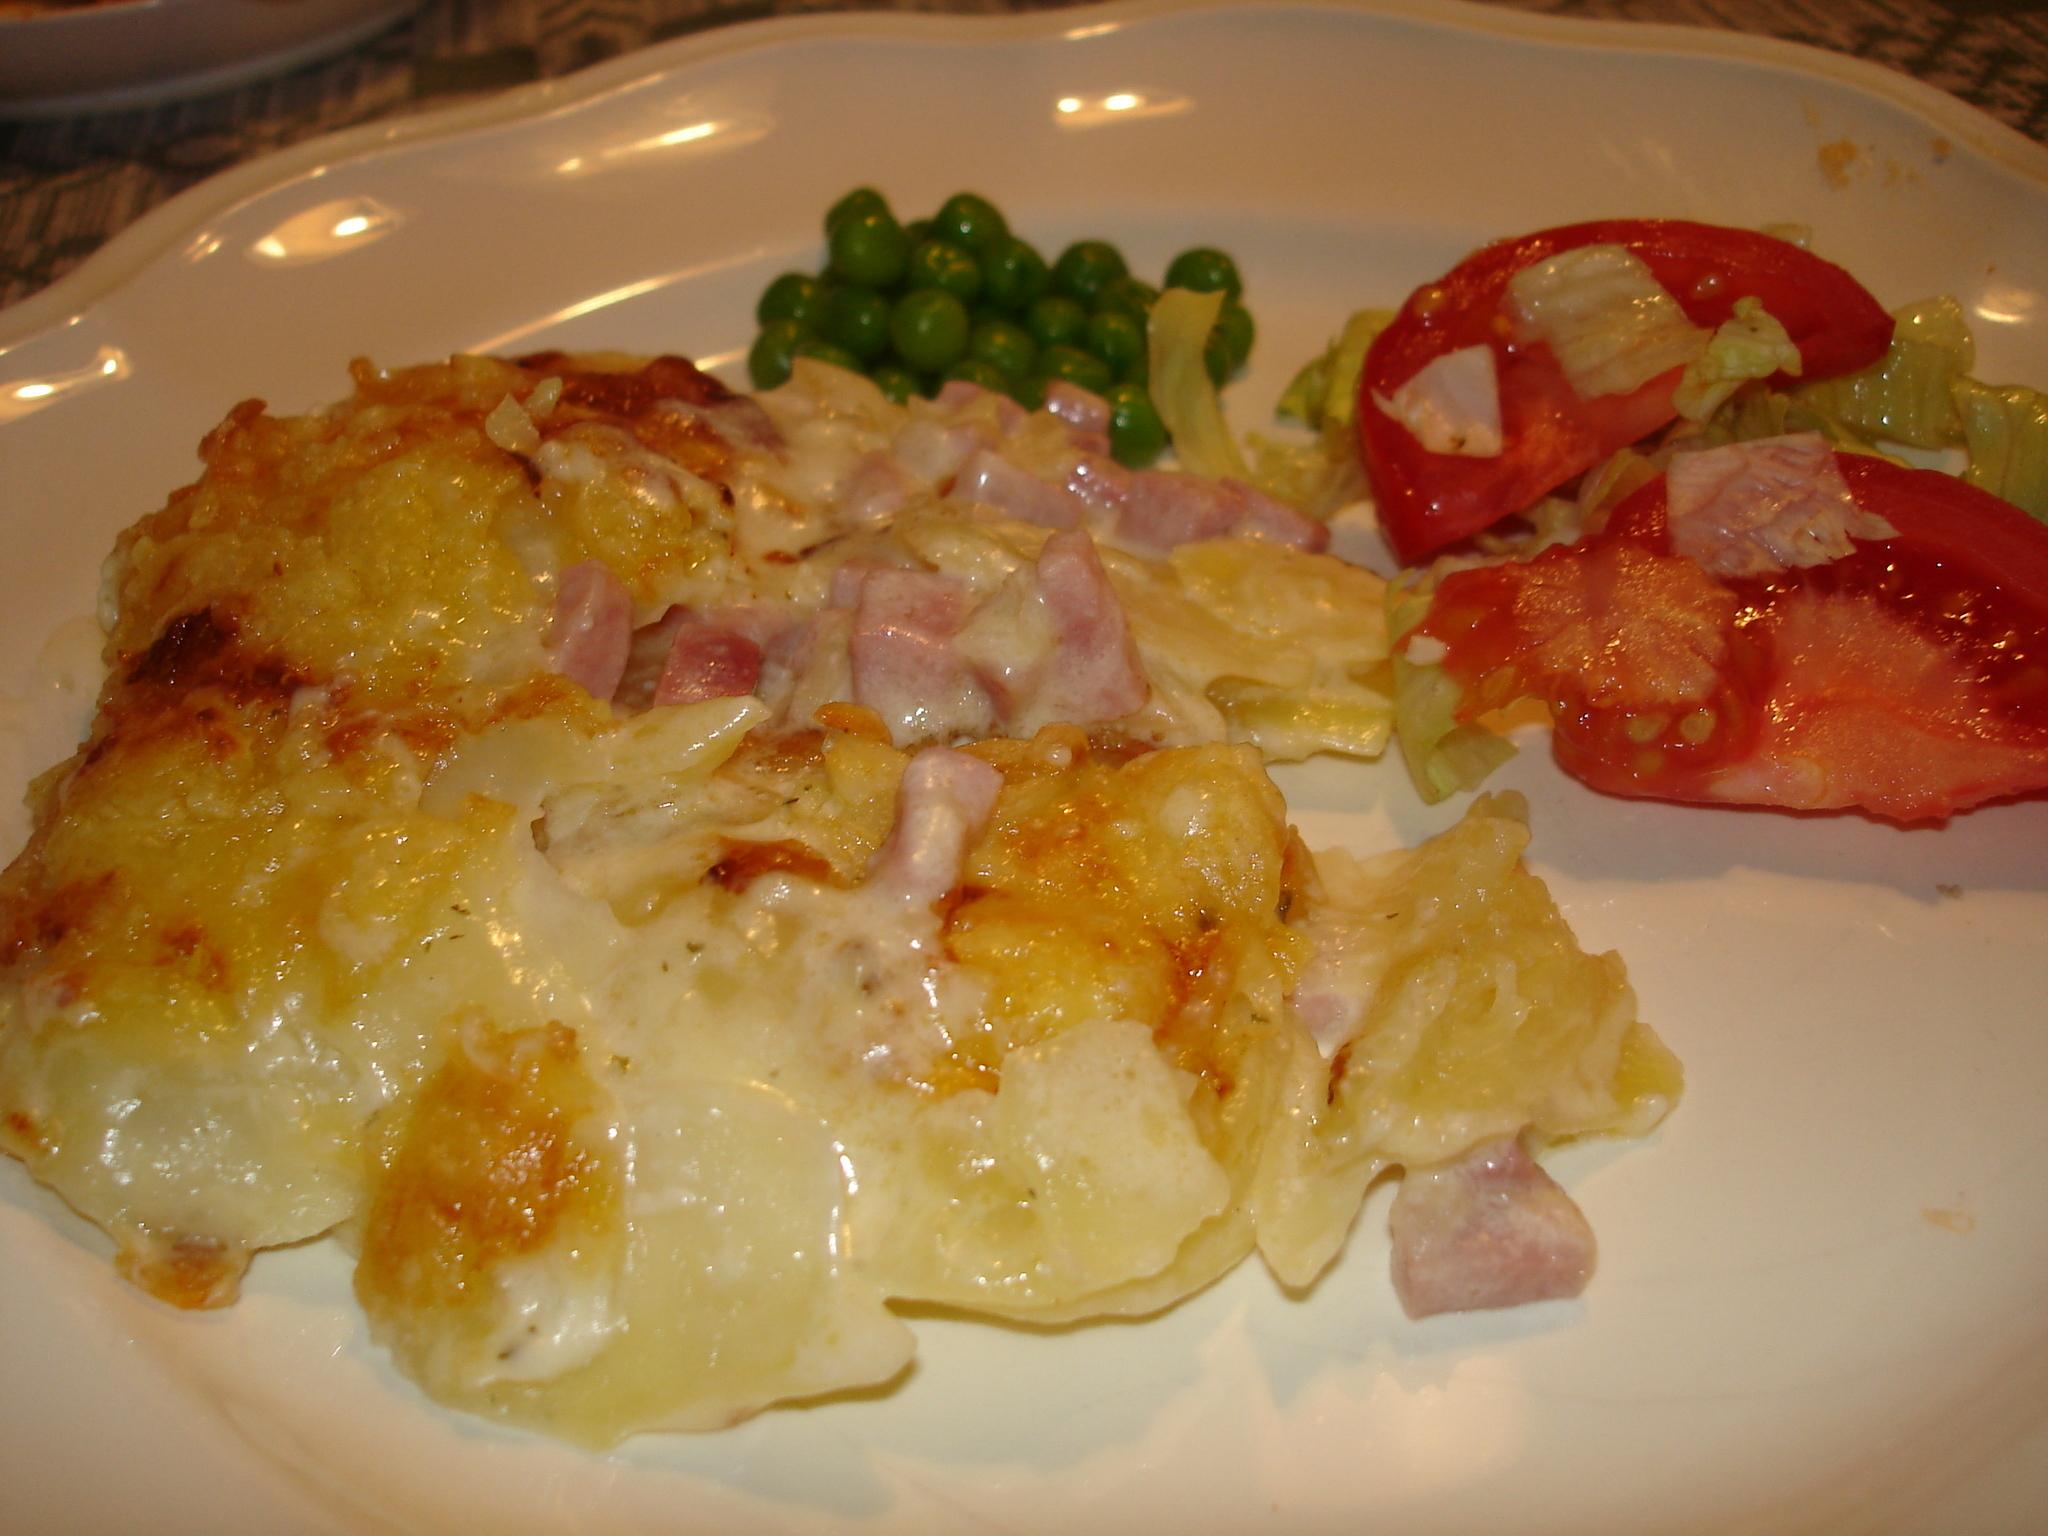 skinkgratäng med potatis